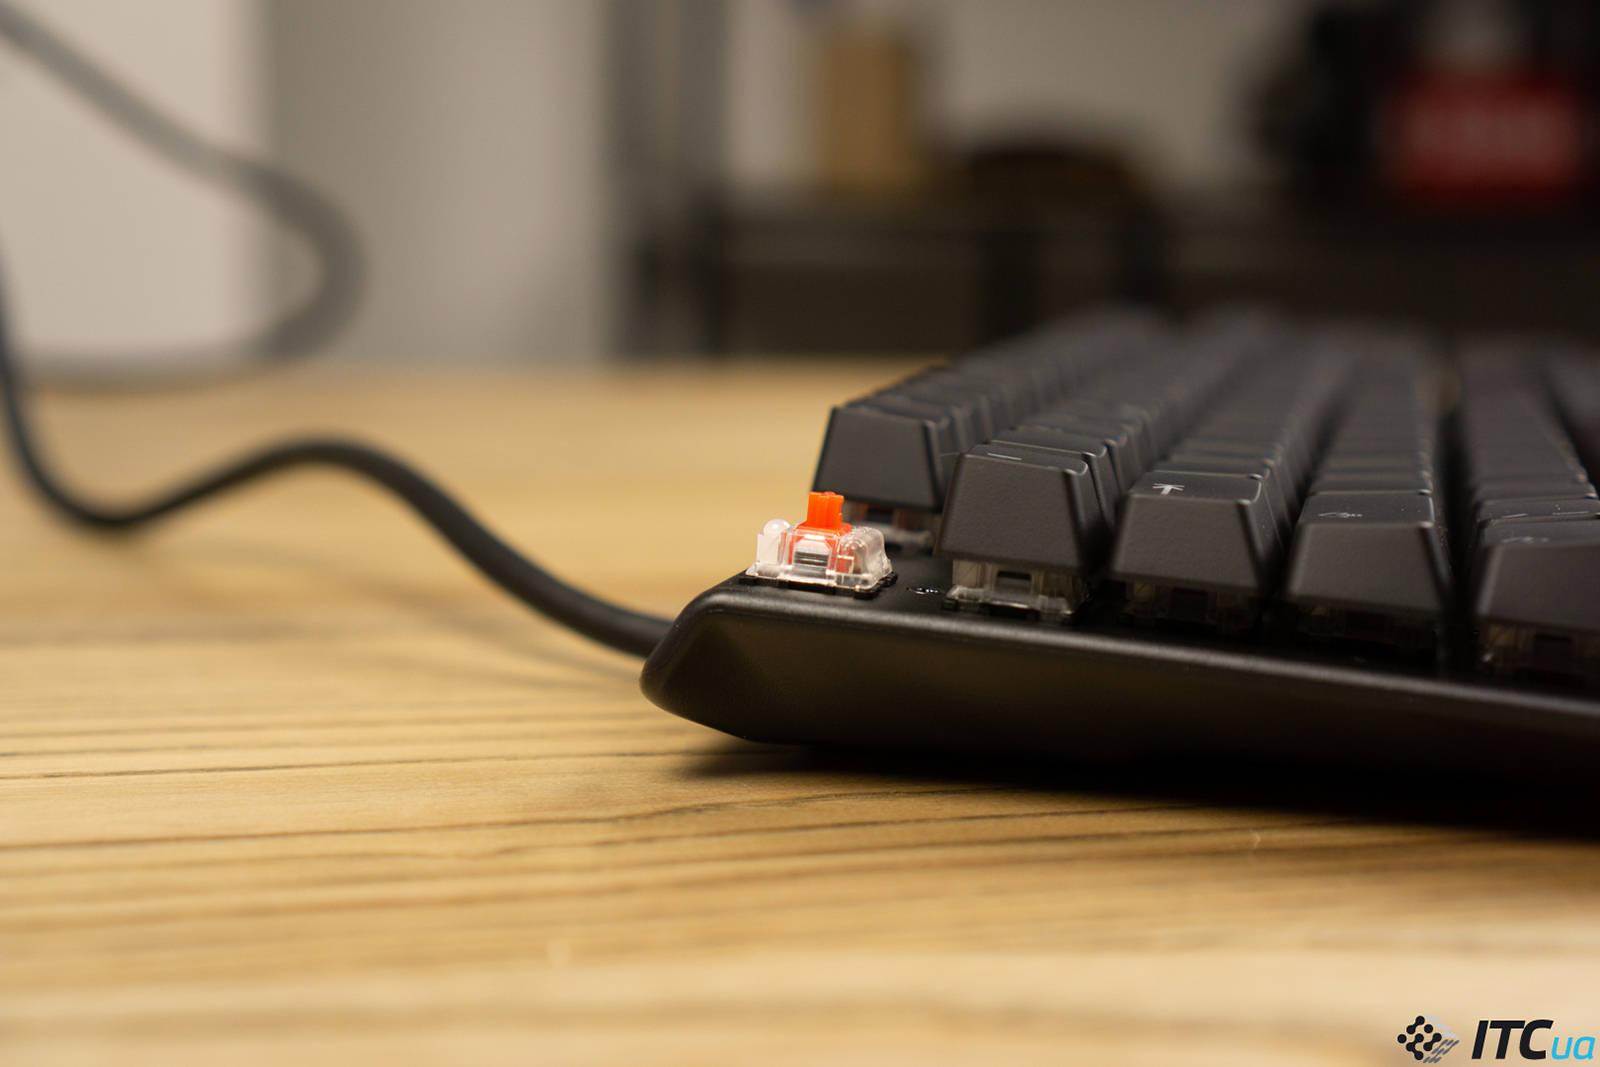 Клавиатура SteelSeries Apex Pro. Фото 14